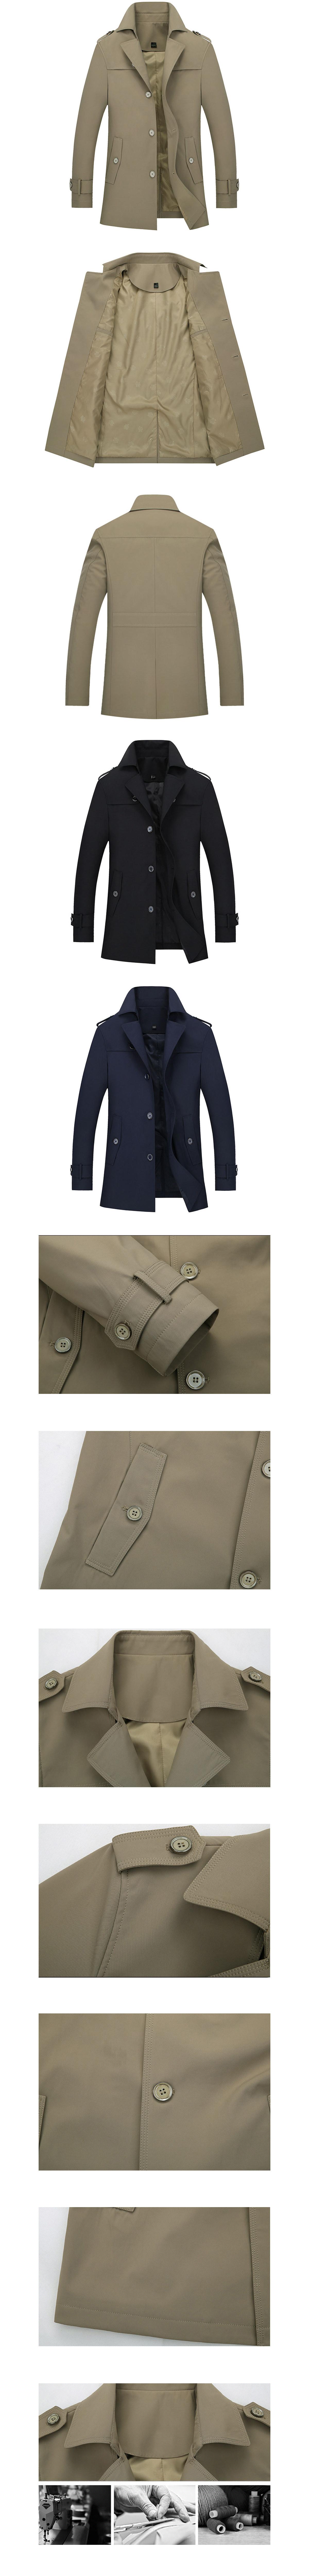 簡約大器紳士單品.大翻領風衣外套